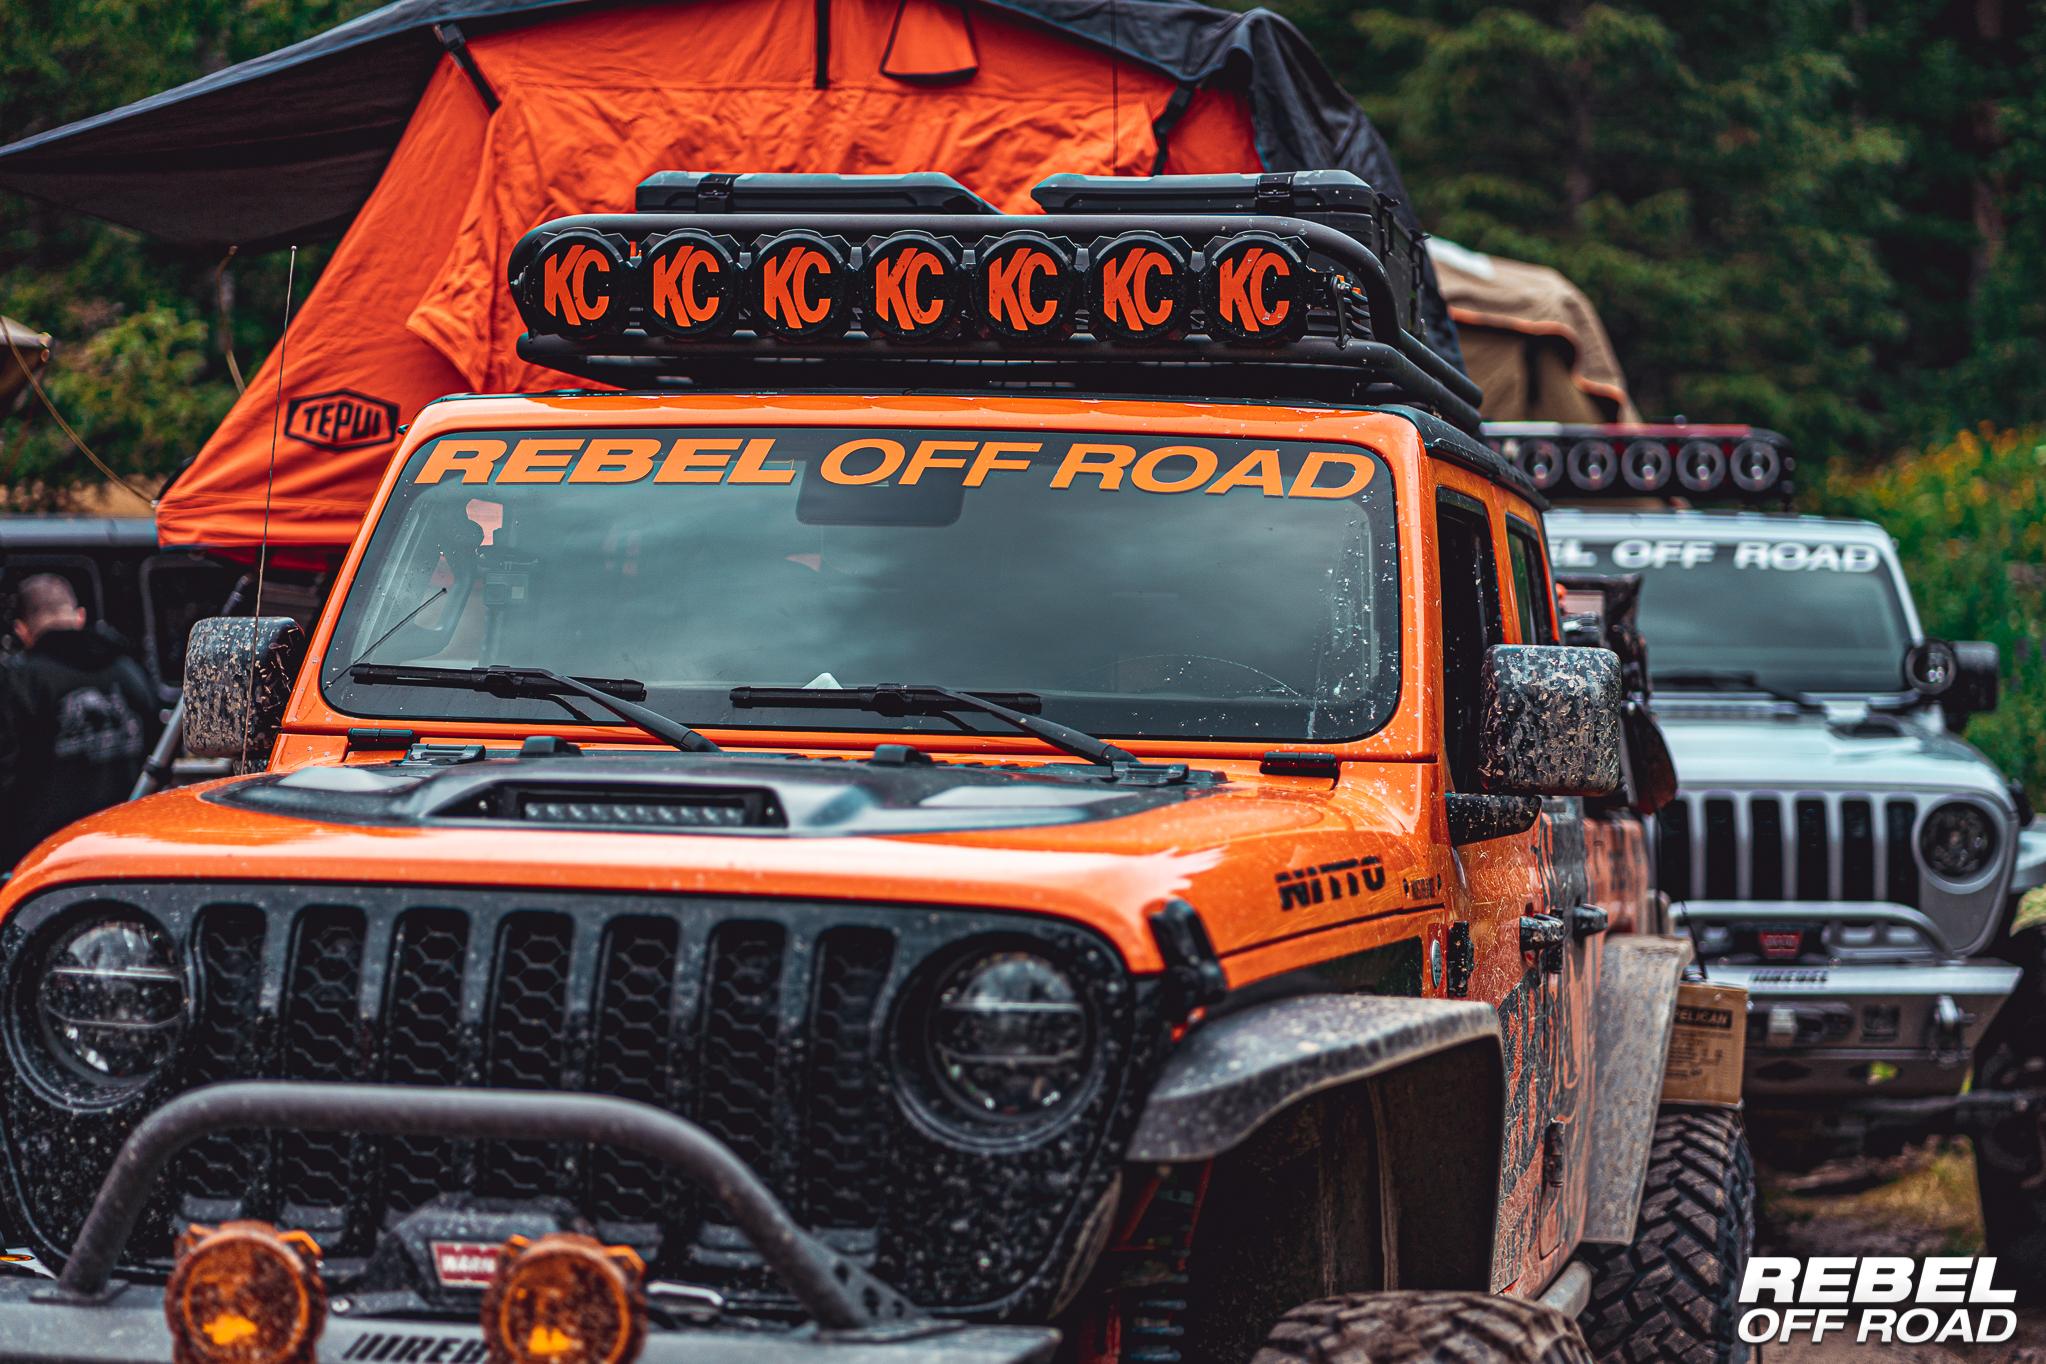 rebel-off-road-00289.jpg